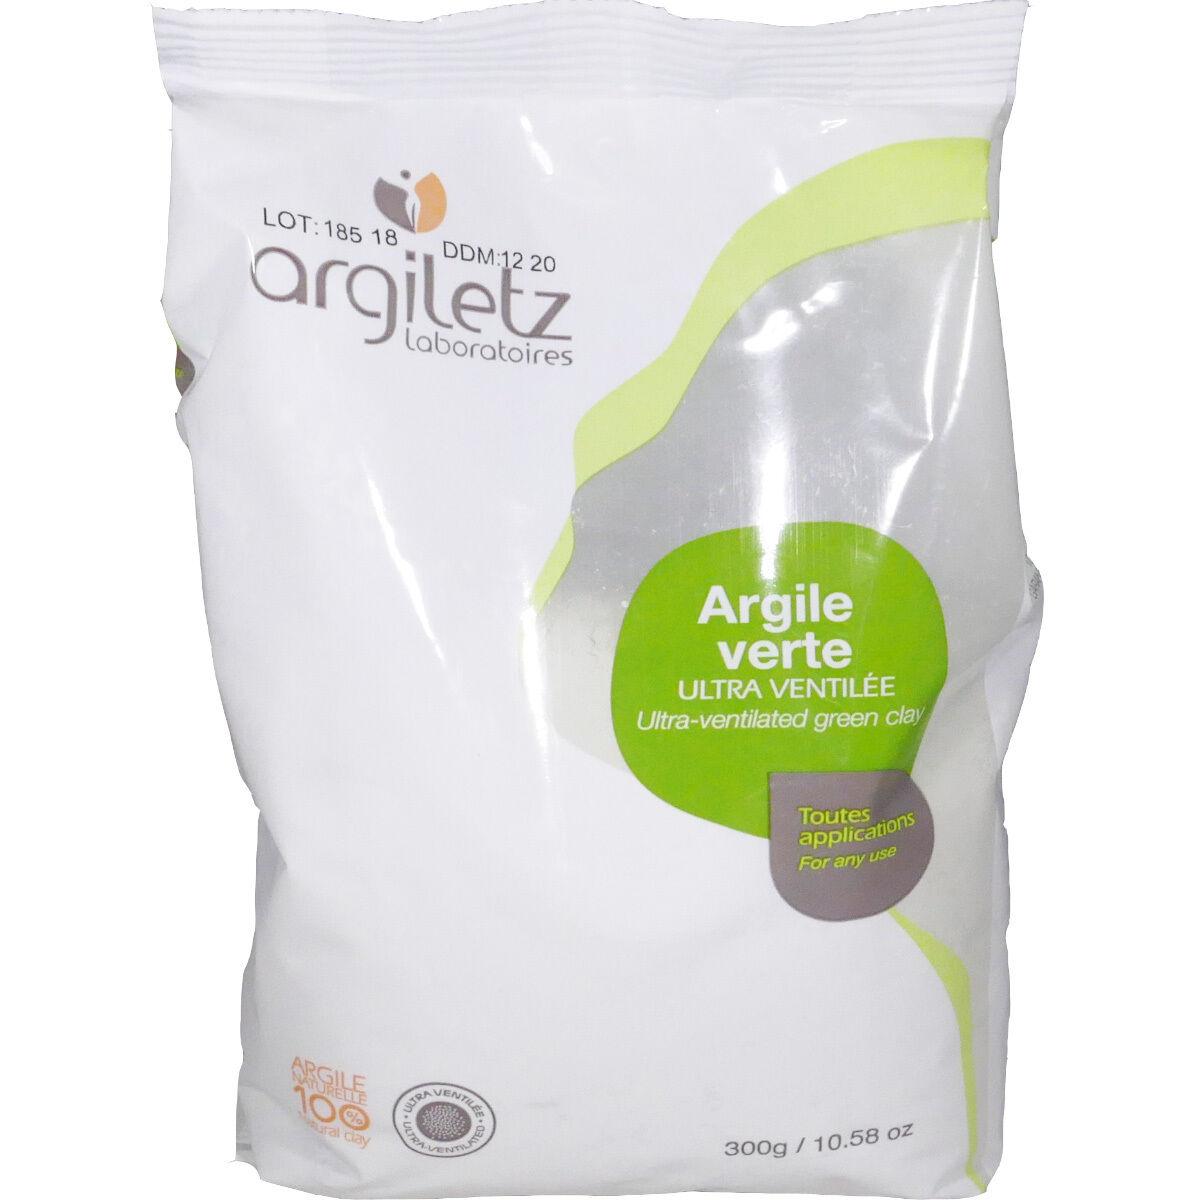 Argiletz argile verte toutes applications poudre 300 g